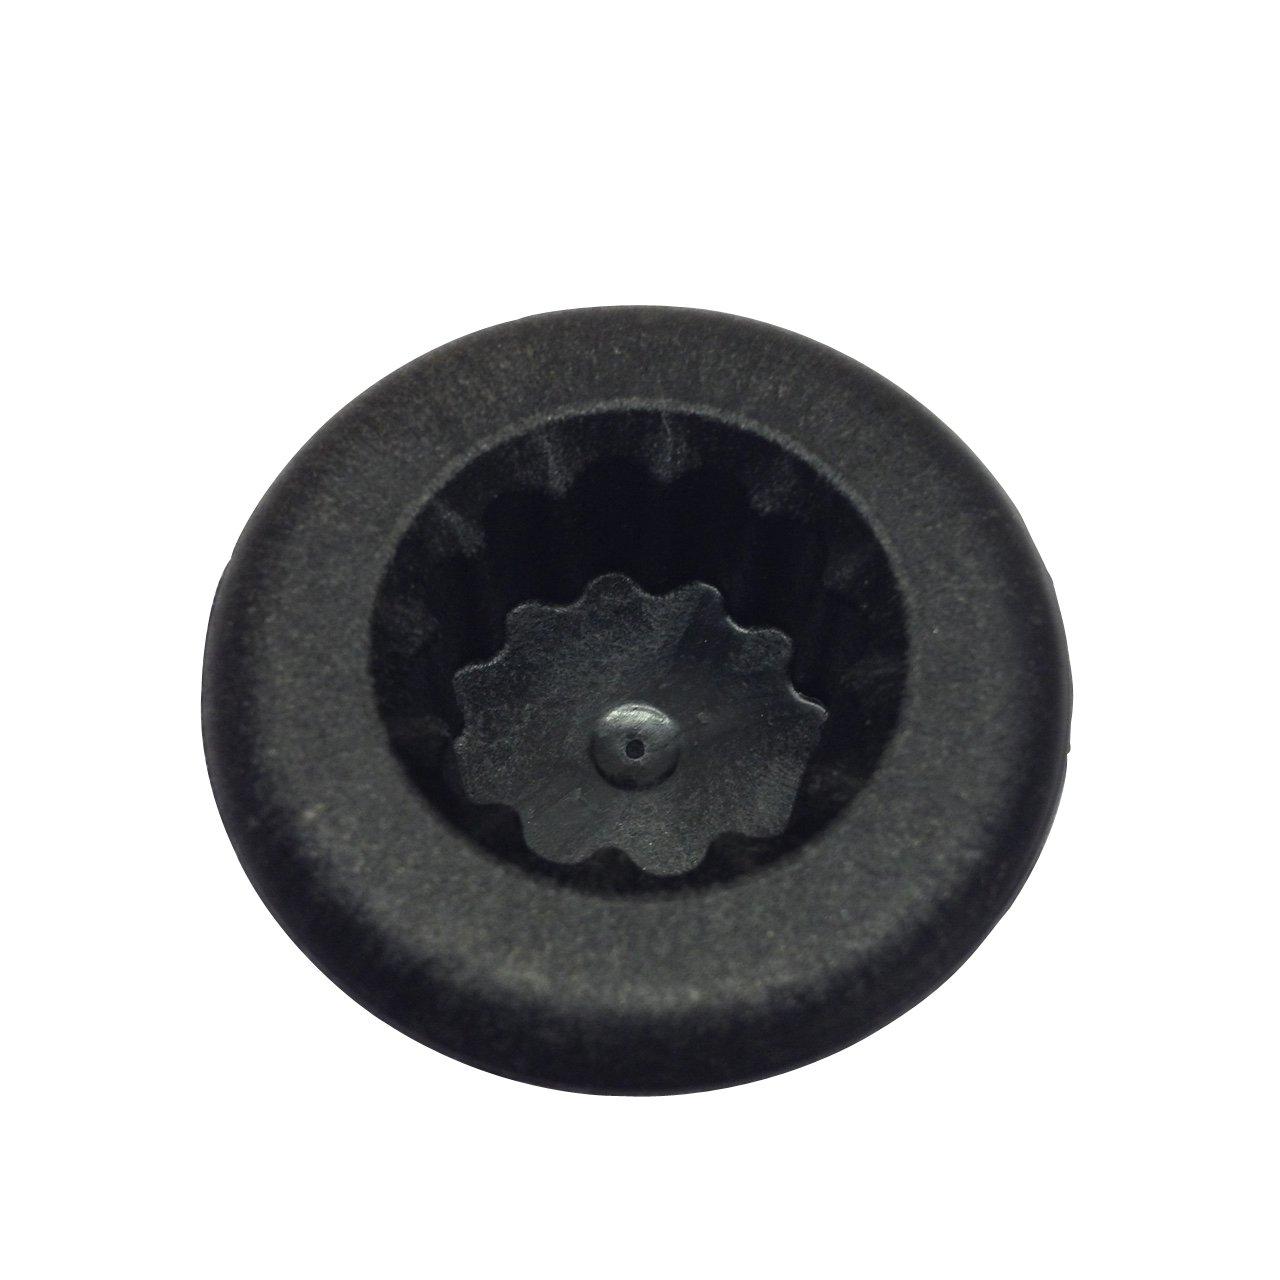 KitchenAid Genuine frullatore gomma frizione accoppiatore * * * New Style * * * W10279256